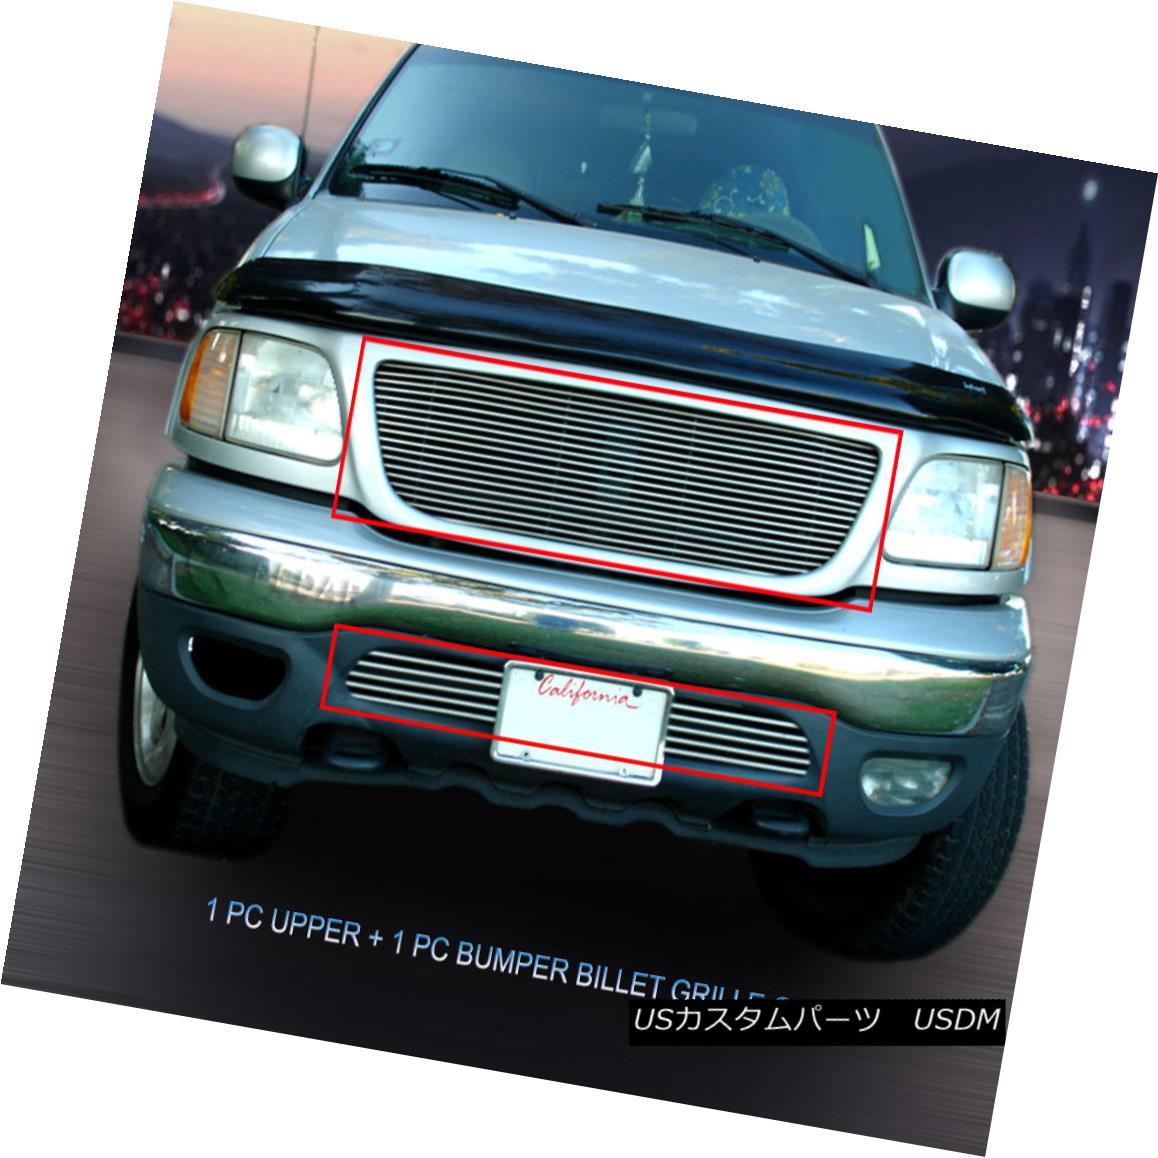 グリル 99-03 Ford F-150 F150 Billet Grille Grill Combo Insert Fedar 99-03 Ford F-150 F150ビレットグリルグリルコンボインサートFedar